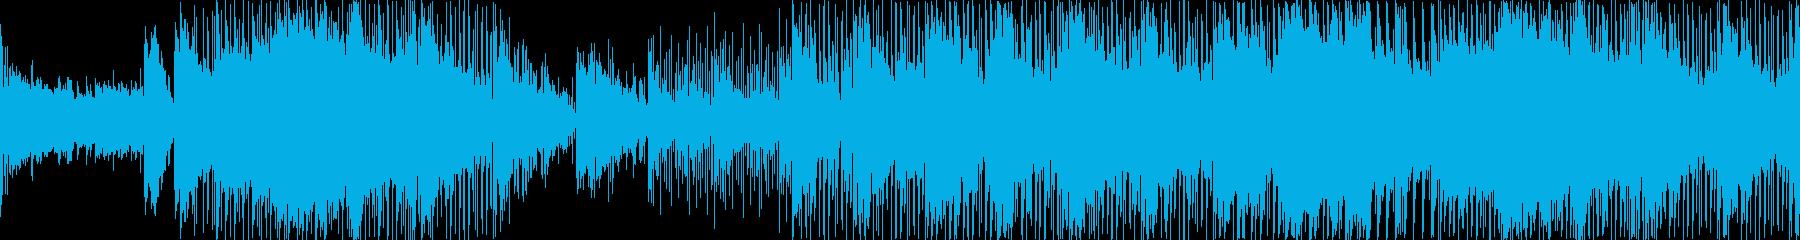 キラキラ爽やか、ときめきの美メロバラードの再生済みの波形